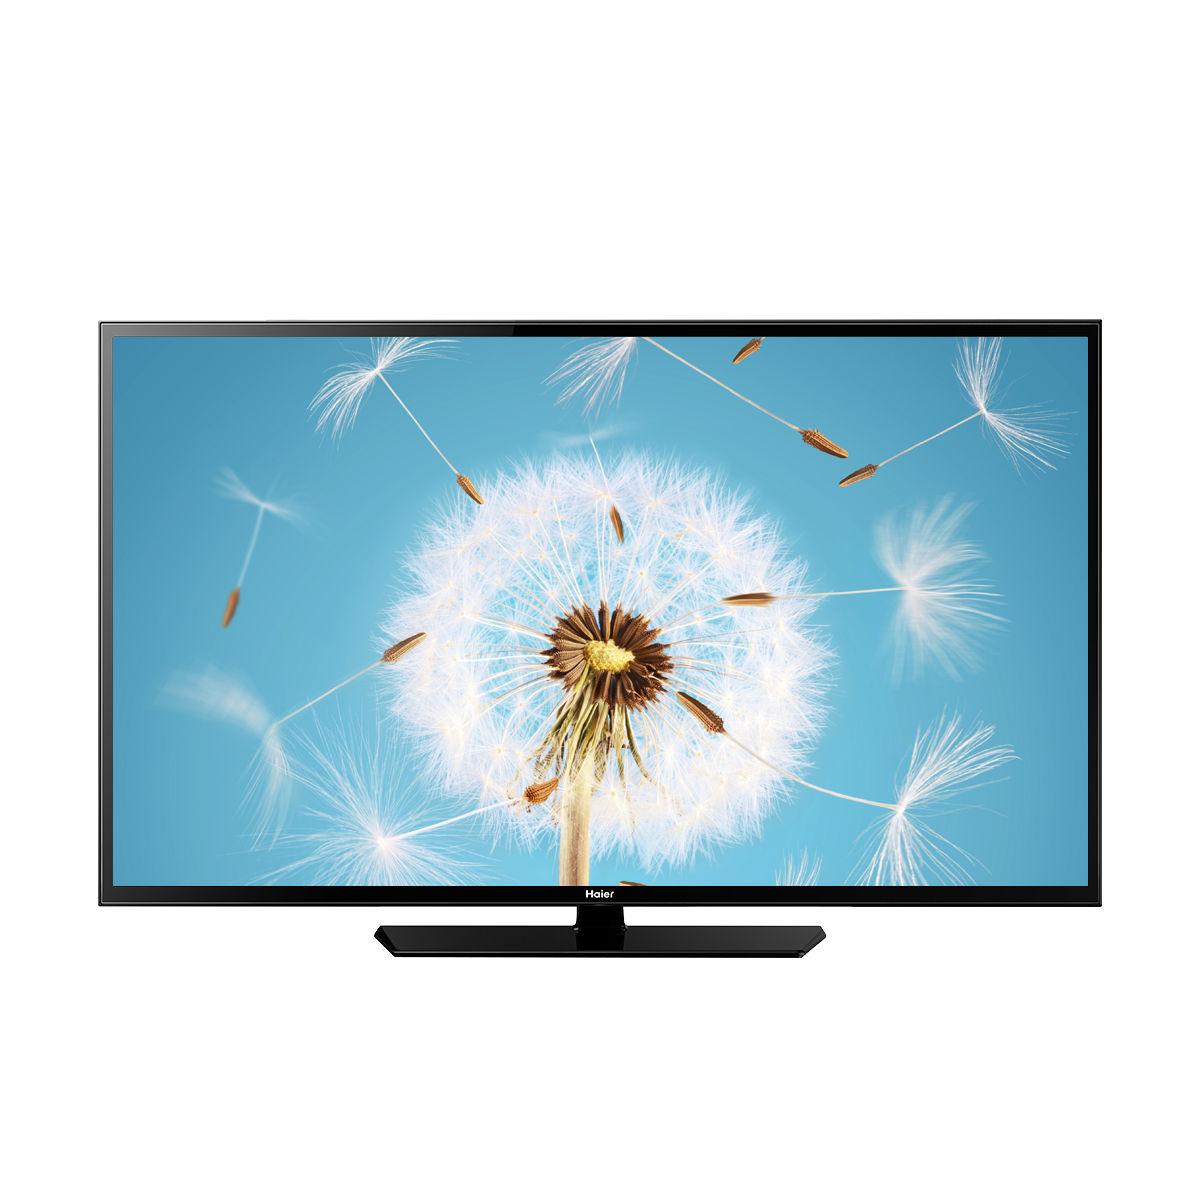 """TV Haier LE22M600CF Téléviseur LED 22"""" (56 cm) 16/9 - 1920 x 1080 pixels - Tuner TNT HD et Câble - HDTV 1080p - 200 Hz - Mode hôtel"""